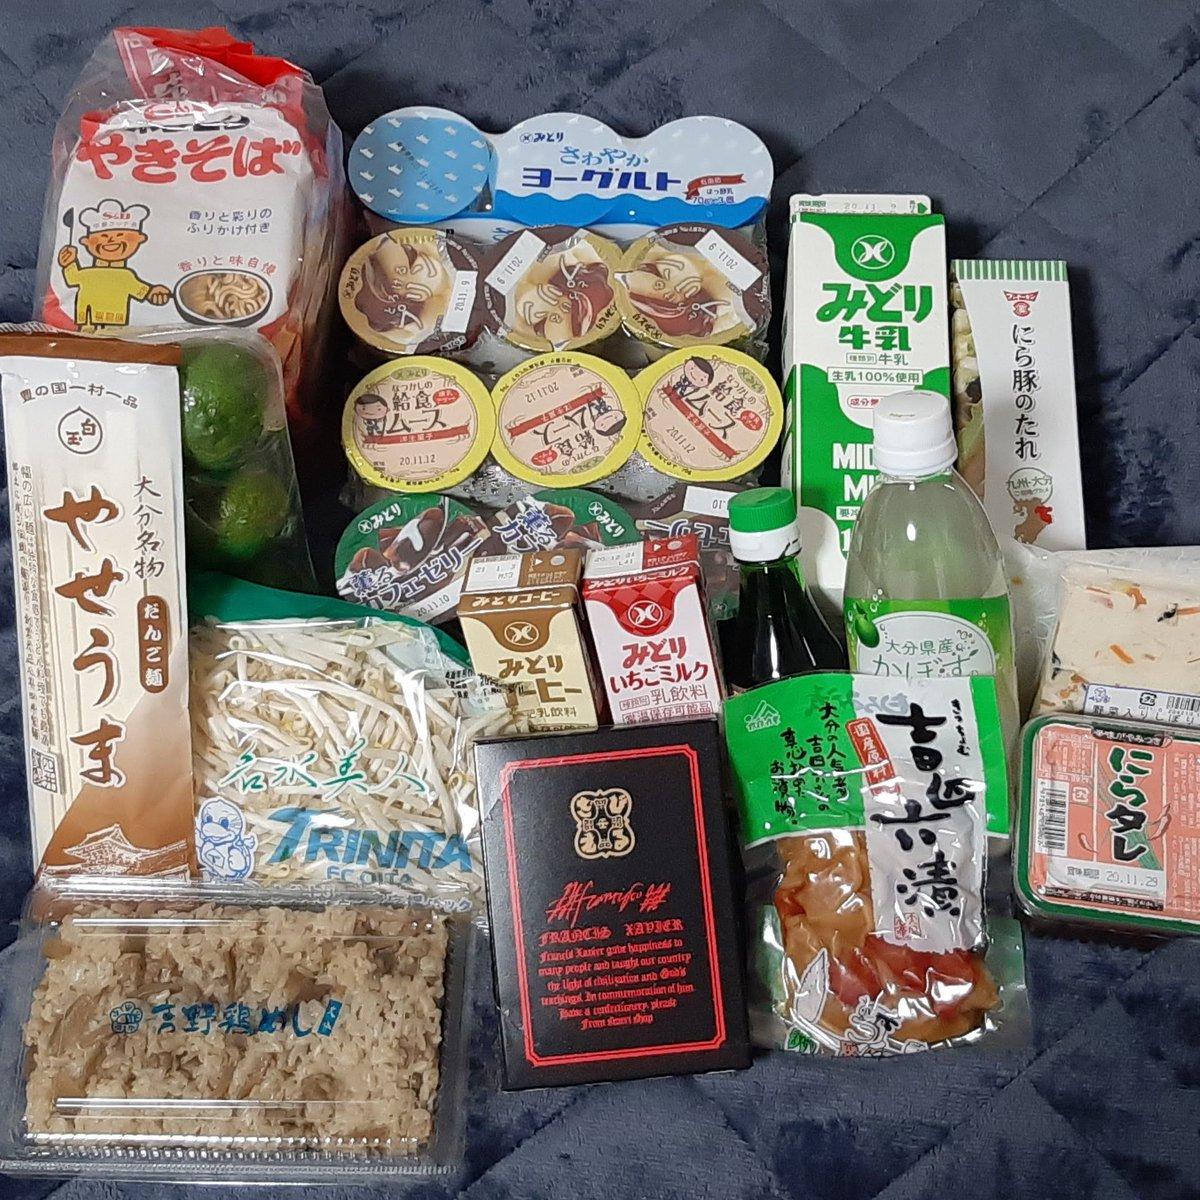 test ツイッターメディア - @ayumi_art 私が出かけた時に持ち帰る品々をば…  だんご汁 とり飯 吉四六漬け ざびえる みどり牛乳あれこれ ニラ豚 カボス←時期がズレちゃいましたが  関アジ関サバ美味しいです🤤 カボスぶりも1度食べてみたい あ、くろめっていう海藻もクセになります https://t.co/05QWtMrxSc